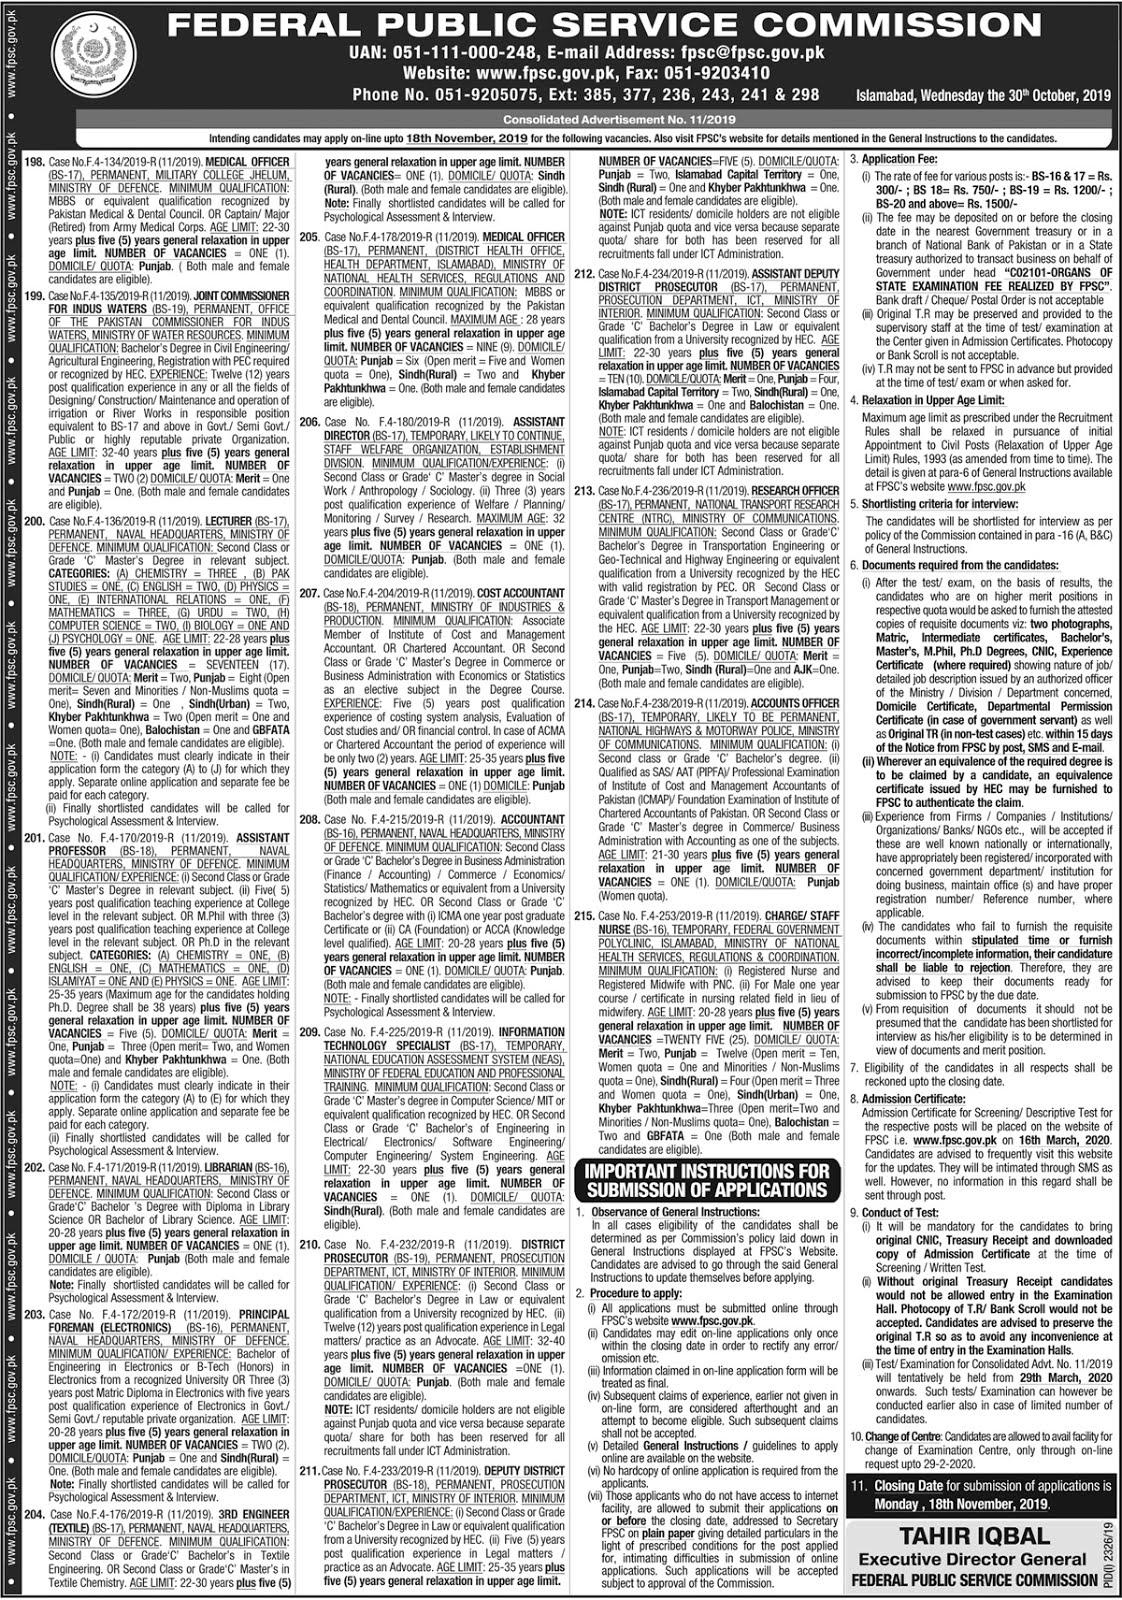 FPSC Jobs November 2019 (90 Posts)